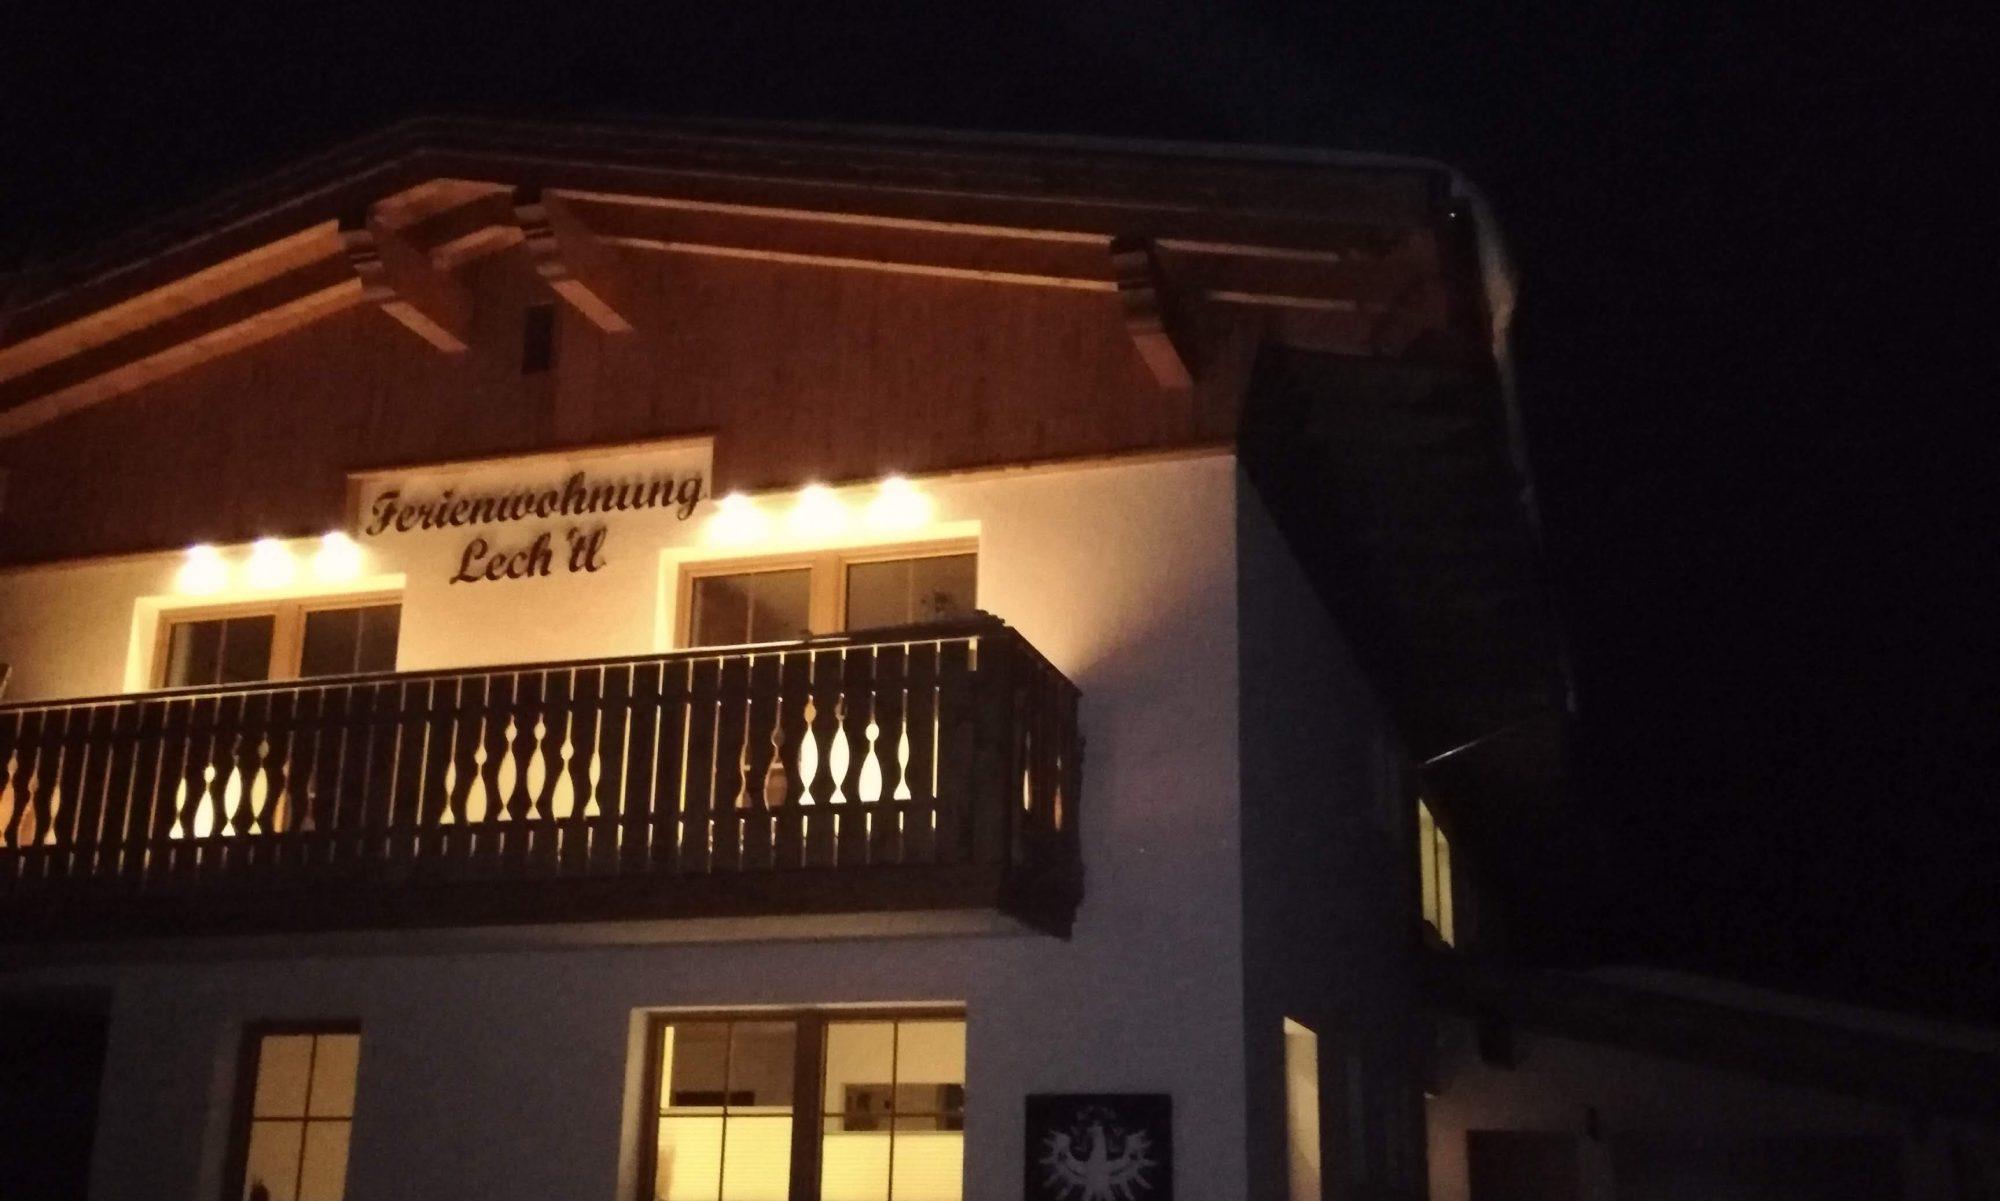 Ferienwohnung Lech'tl